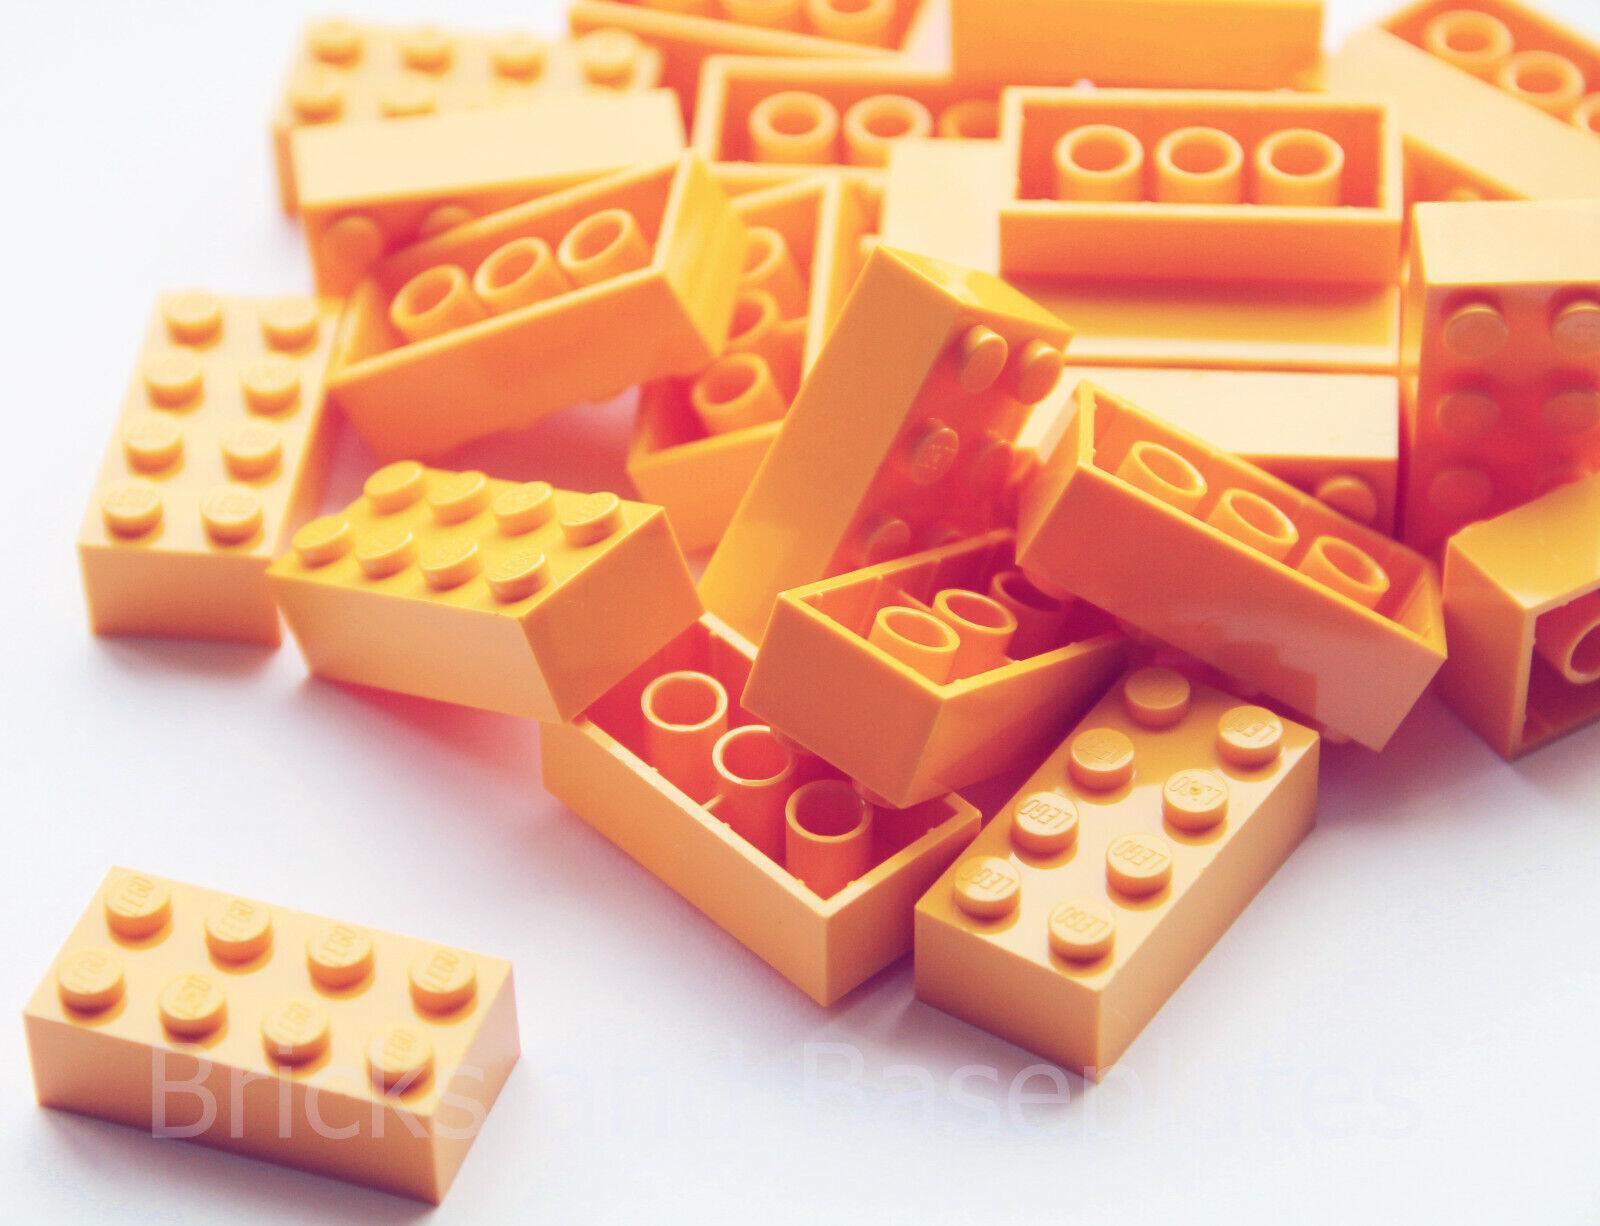 Briques Lego 200 x Bright Orange 2x4 PIN NEUF envoyé dans une Claire scellé sac